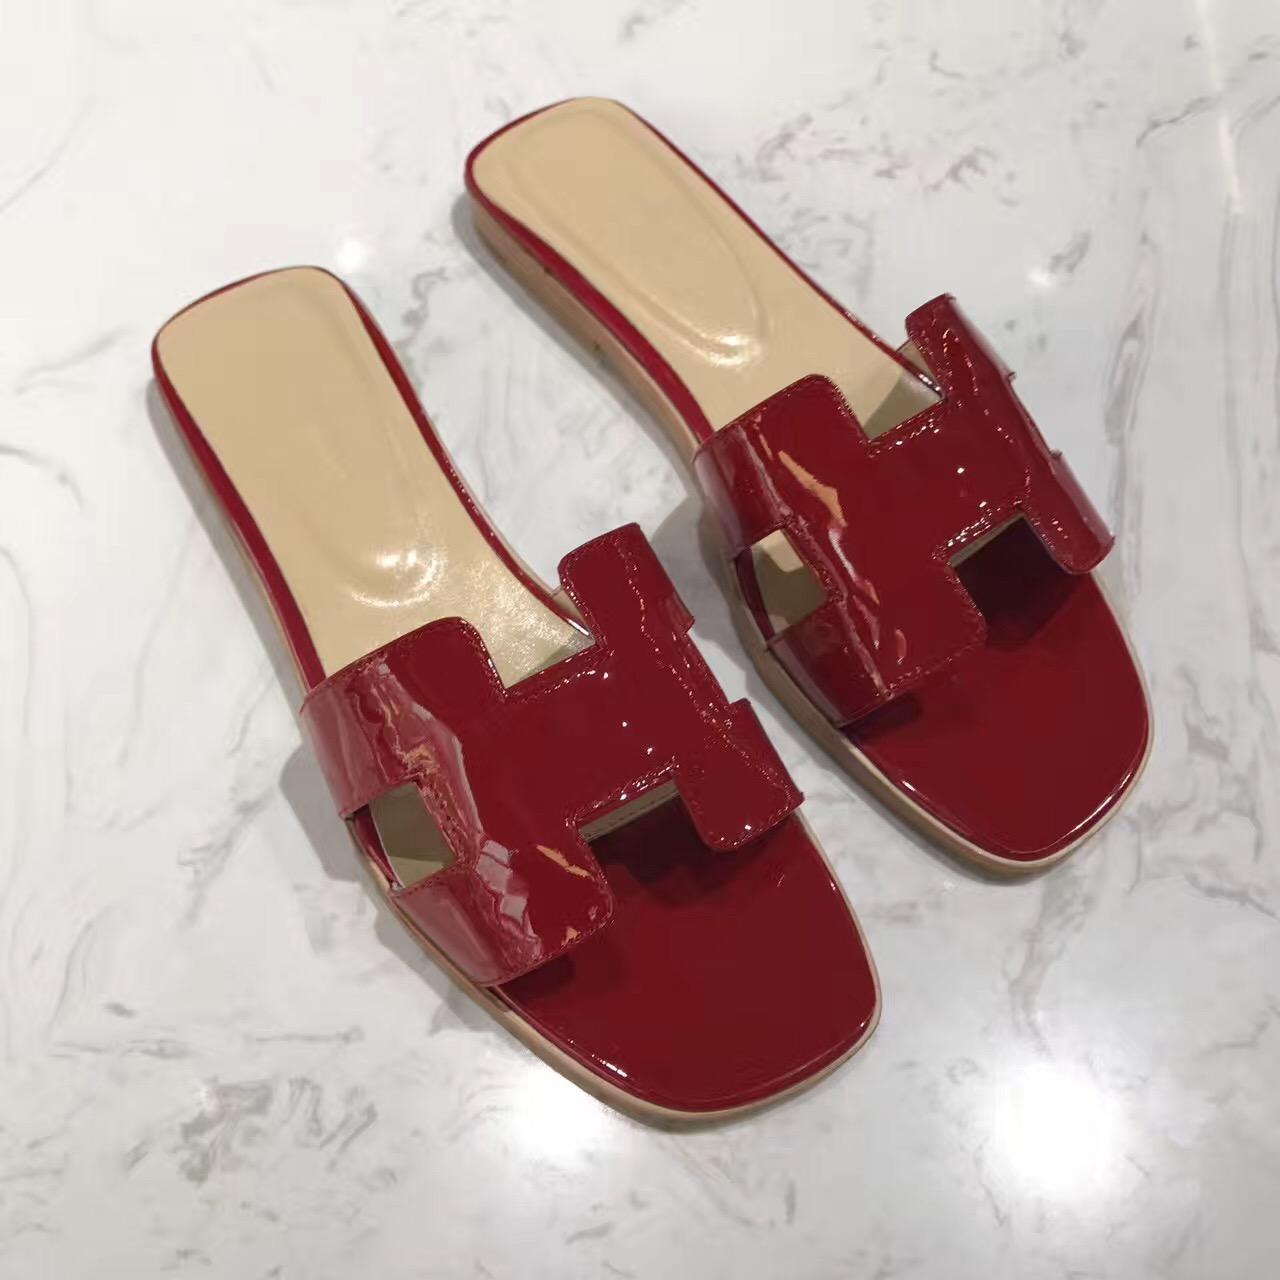 10149448ce65 hermes slipper sandals navy shoes  shoes179  -  165.00   Luxury Shop